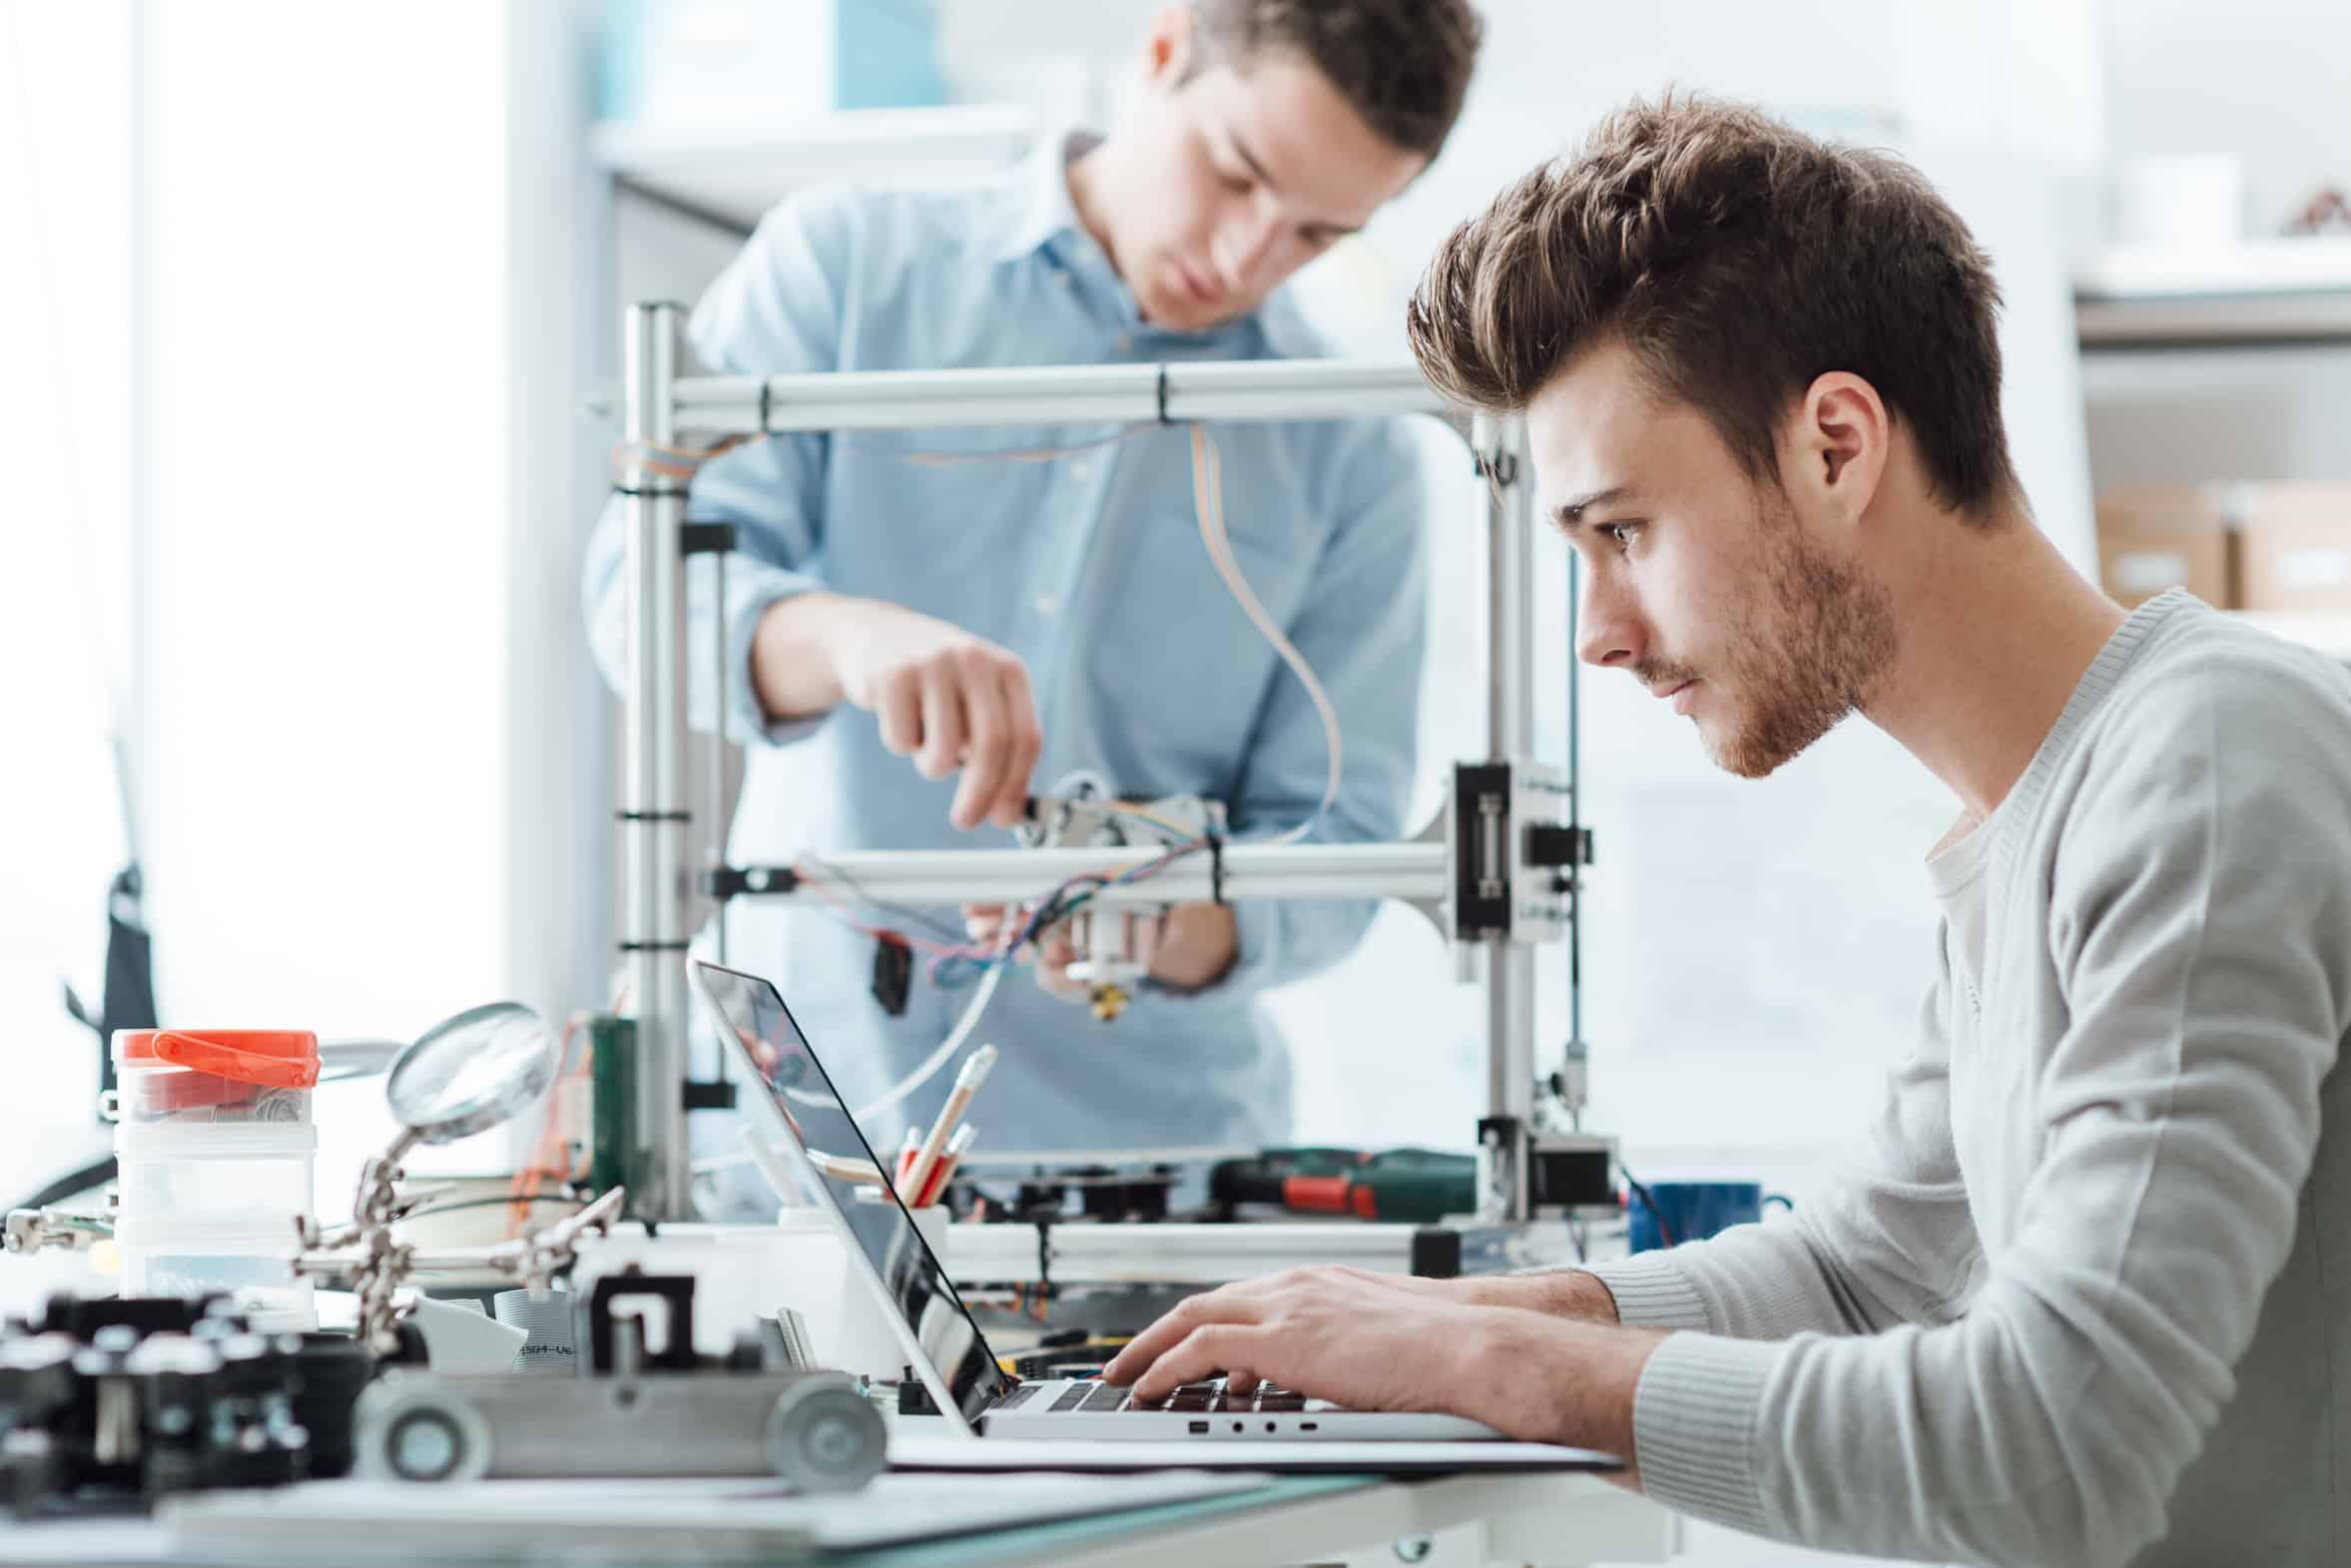 Ingenieure arbeiten im Labor einer Hochschule